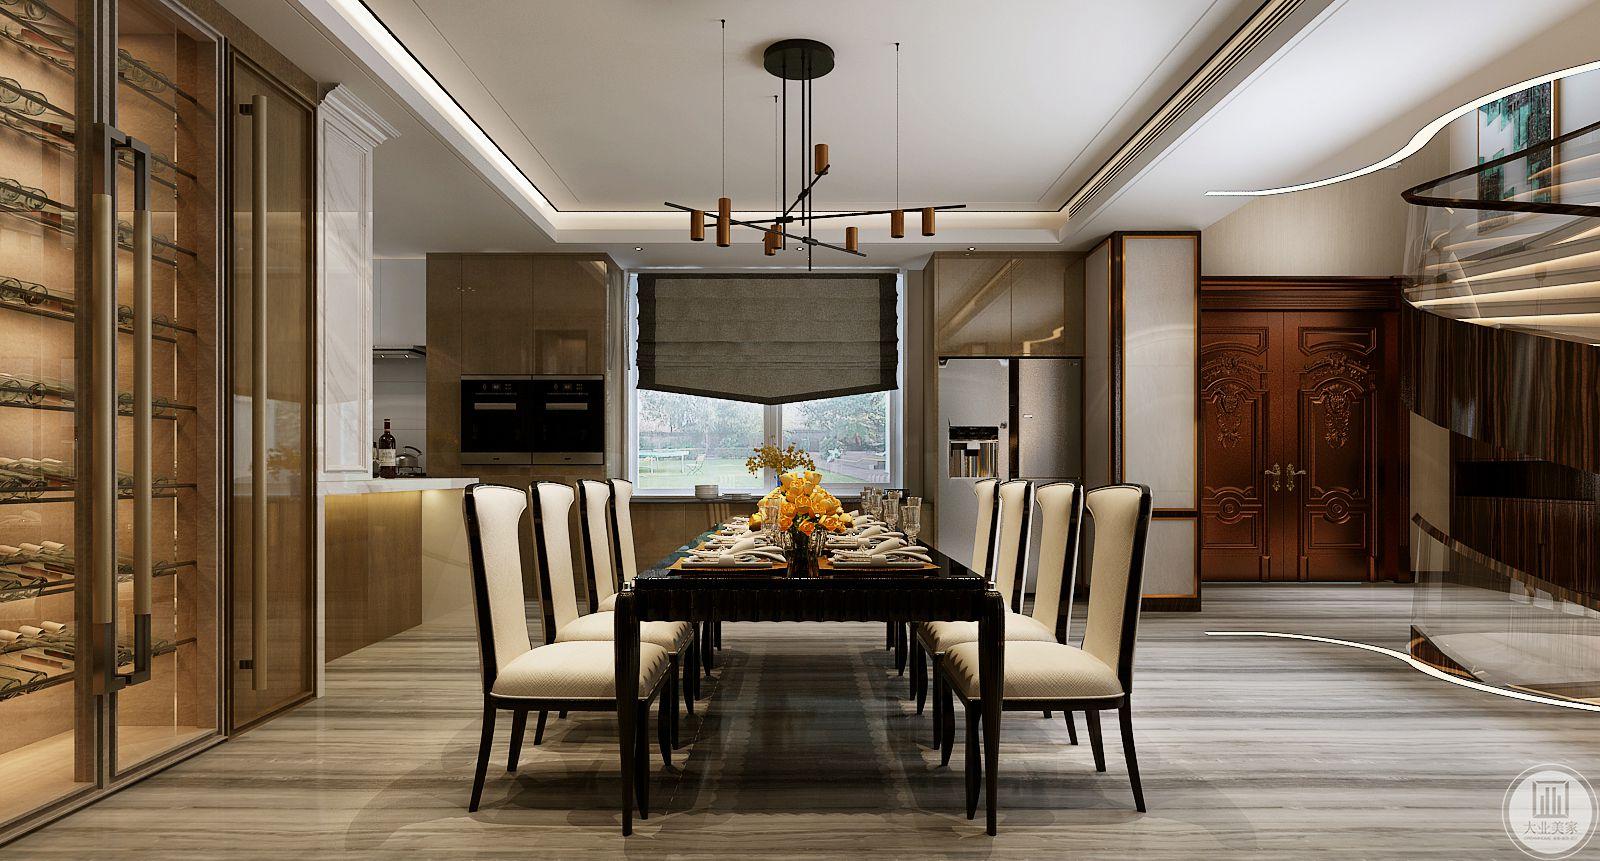 餐厅地面铺设木地板,餐桌餐椅都采用黑色木质框架,窗户的一侧放置冰箱。